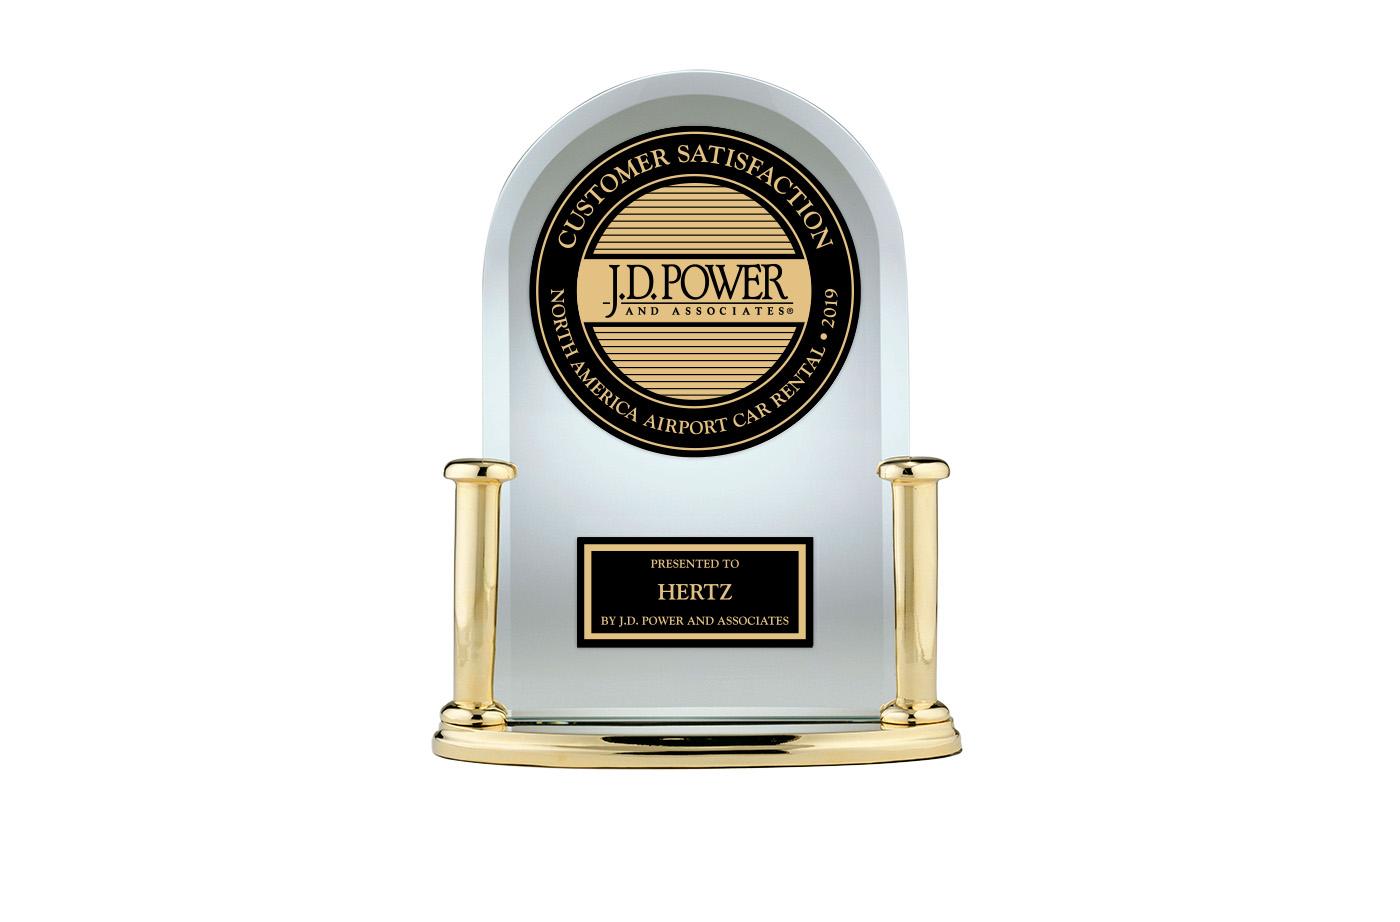 Hertz J.D. Power 2019 Customer Satisfaction Trophy